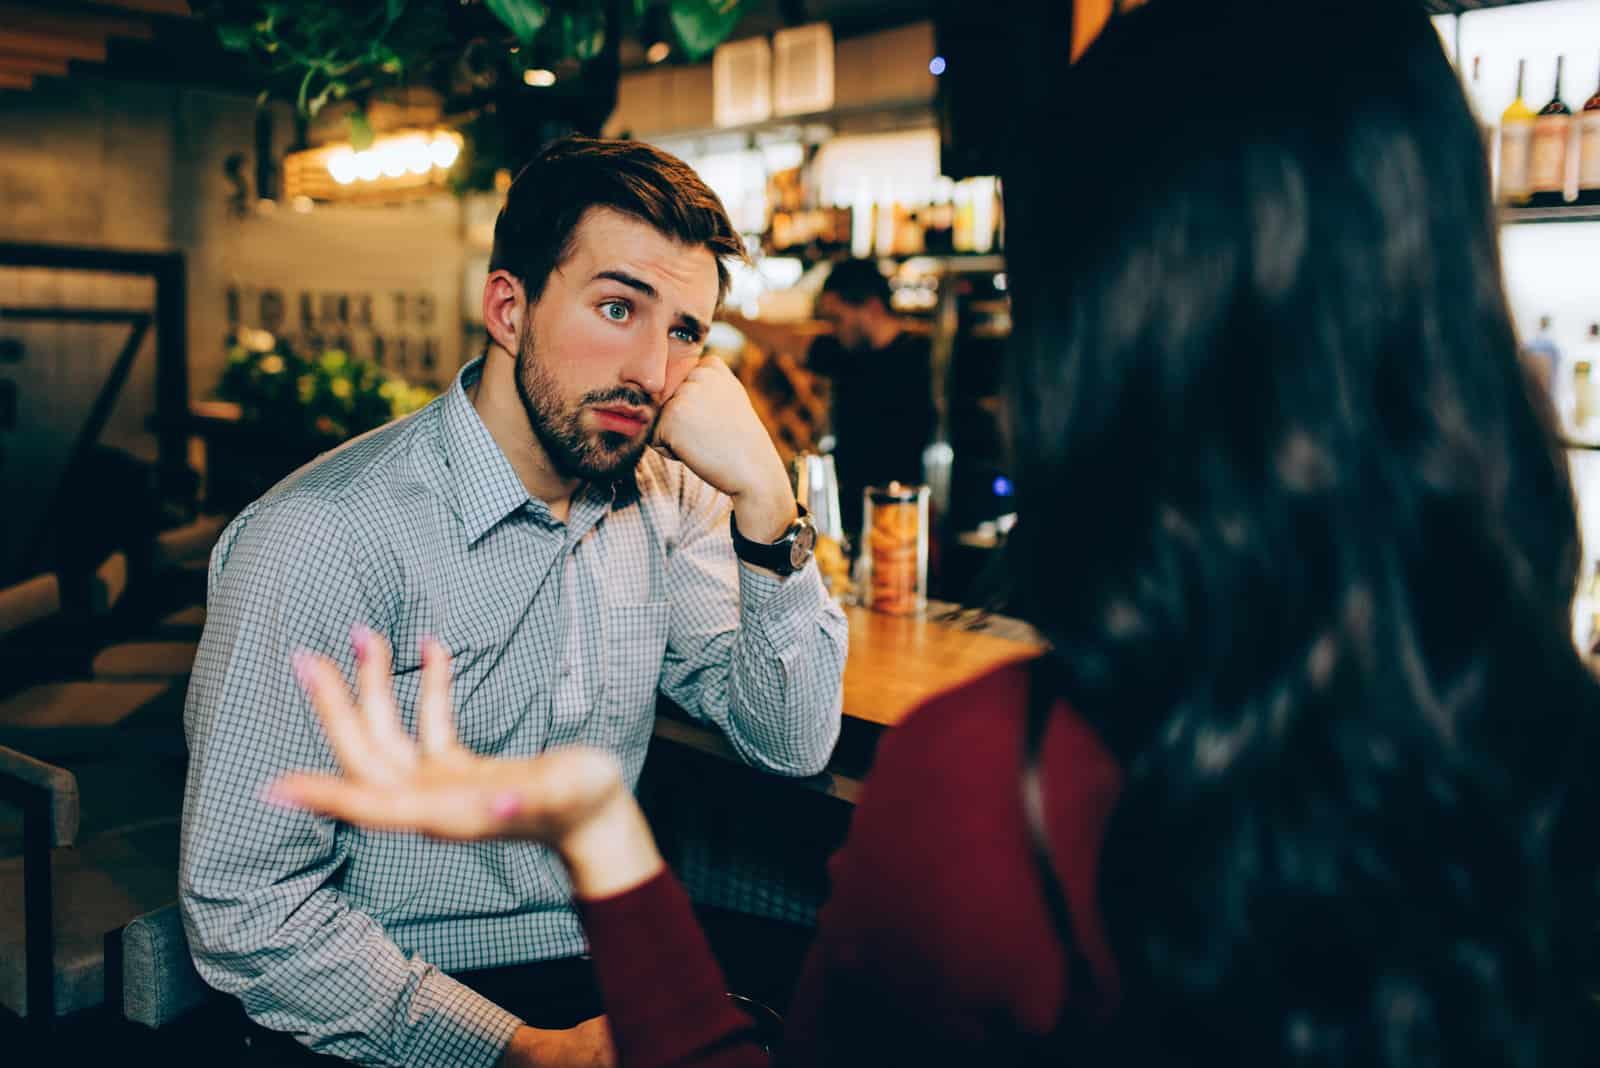 femme parlant à un homme assis dans un bar